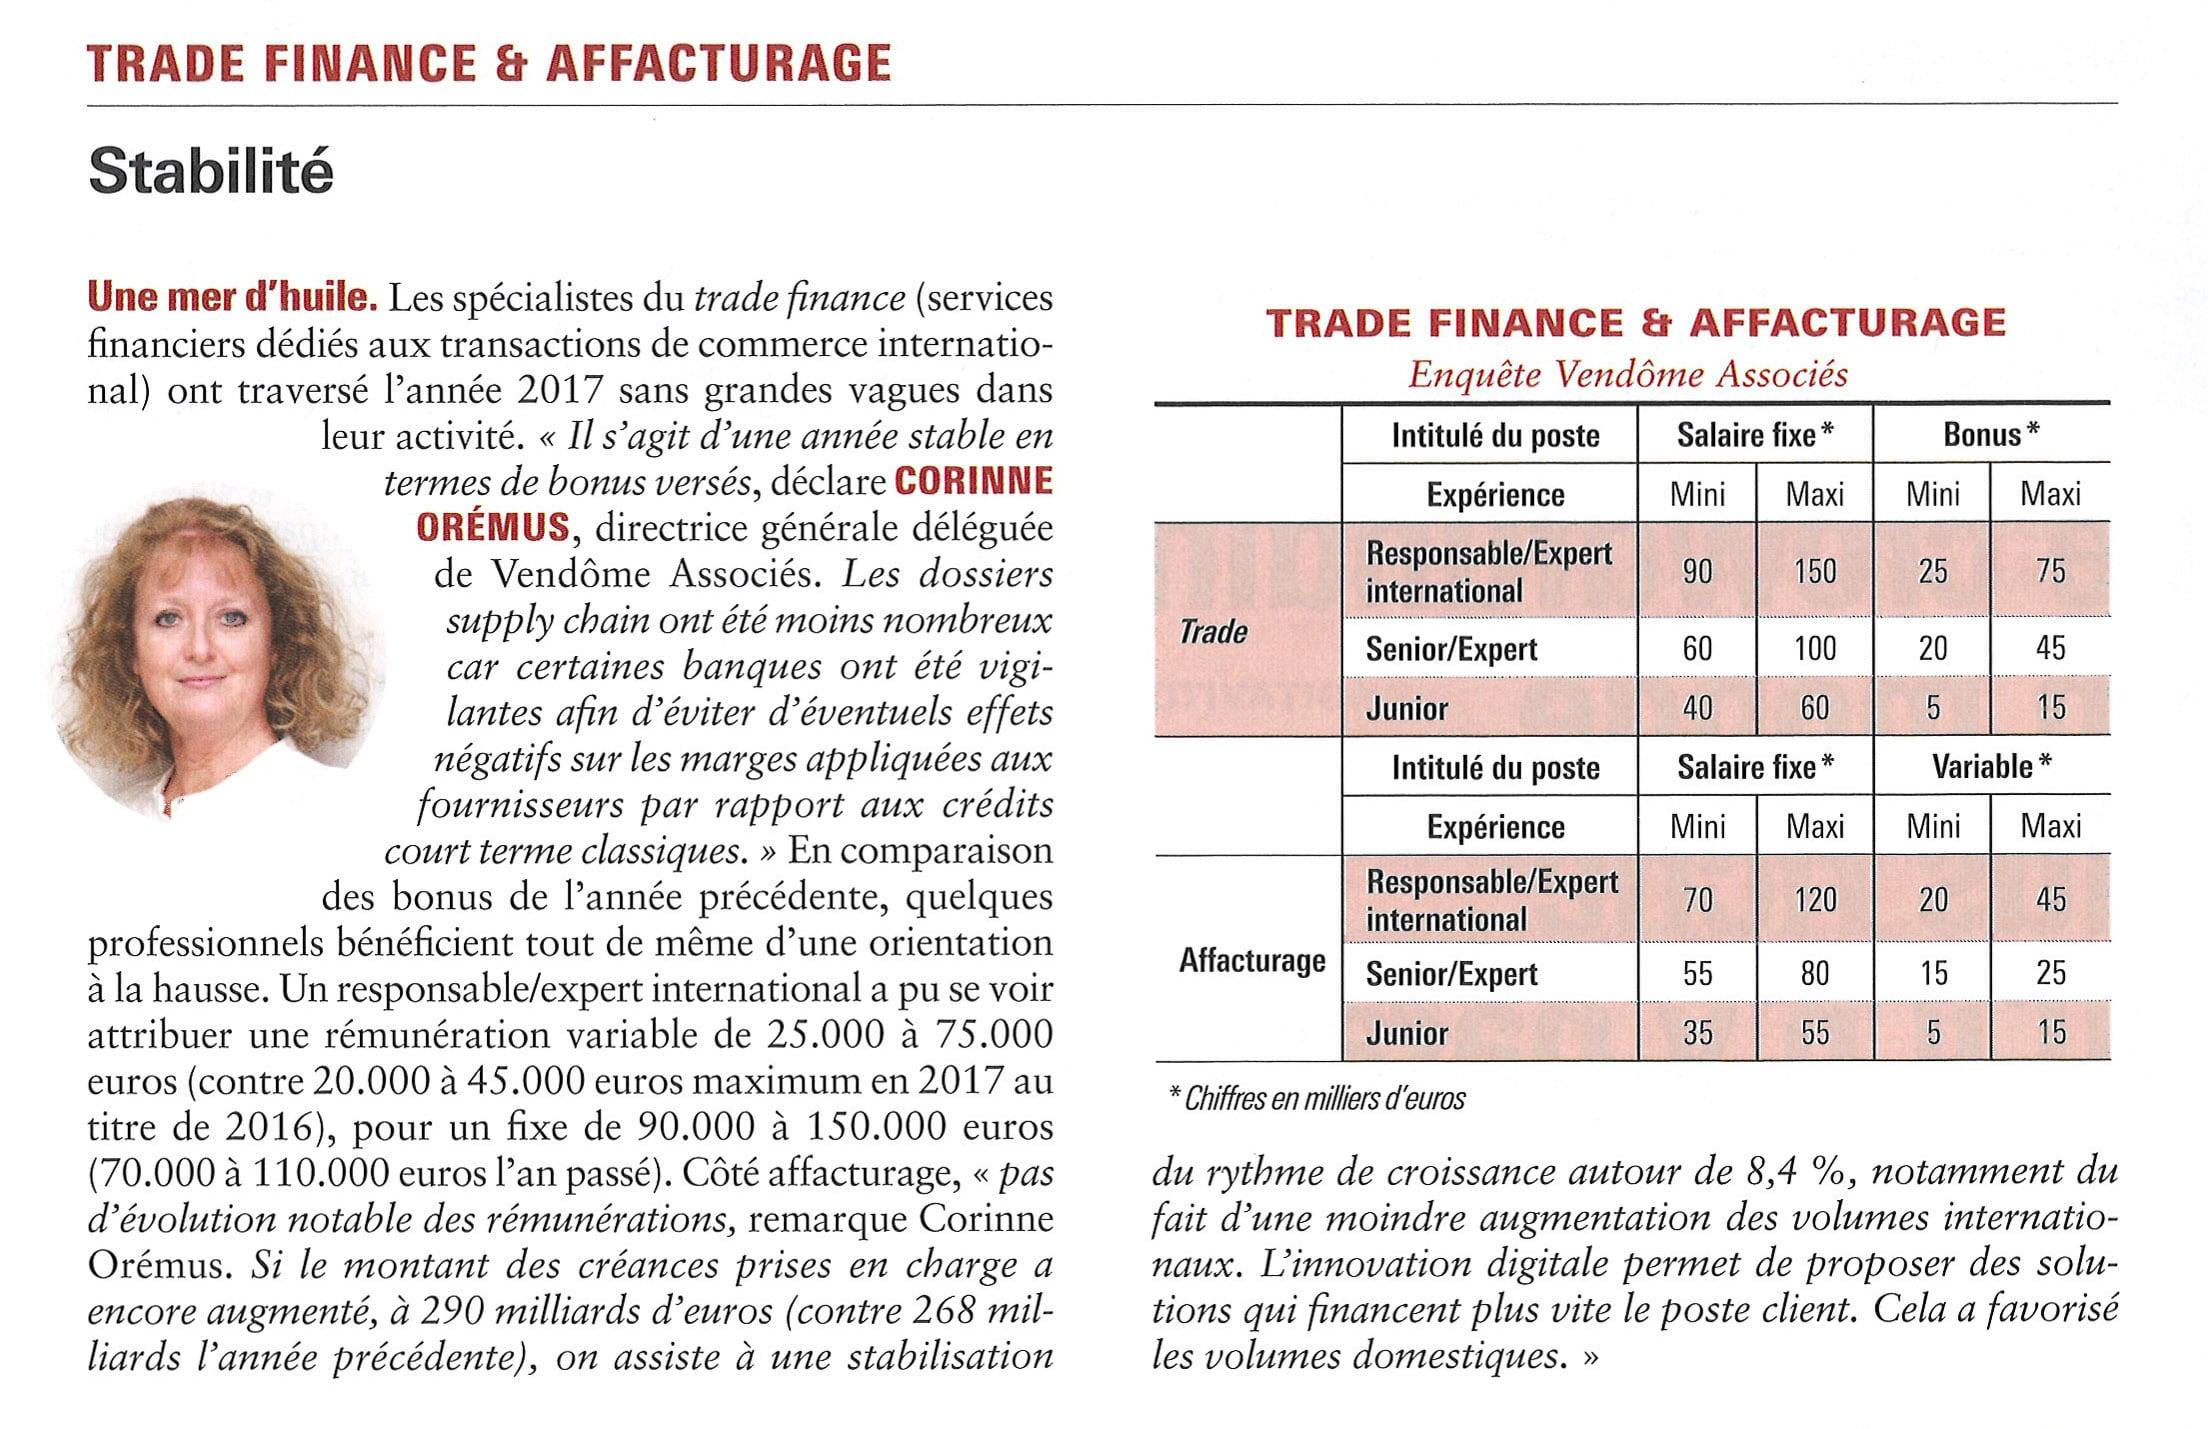 2018-AGEFI-bonus-HD-009-tradefinance